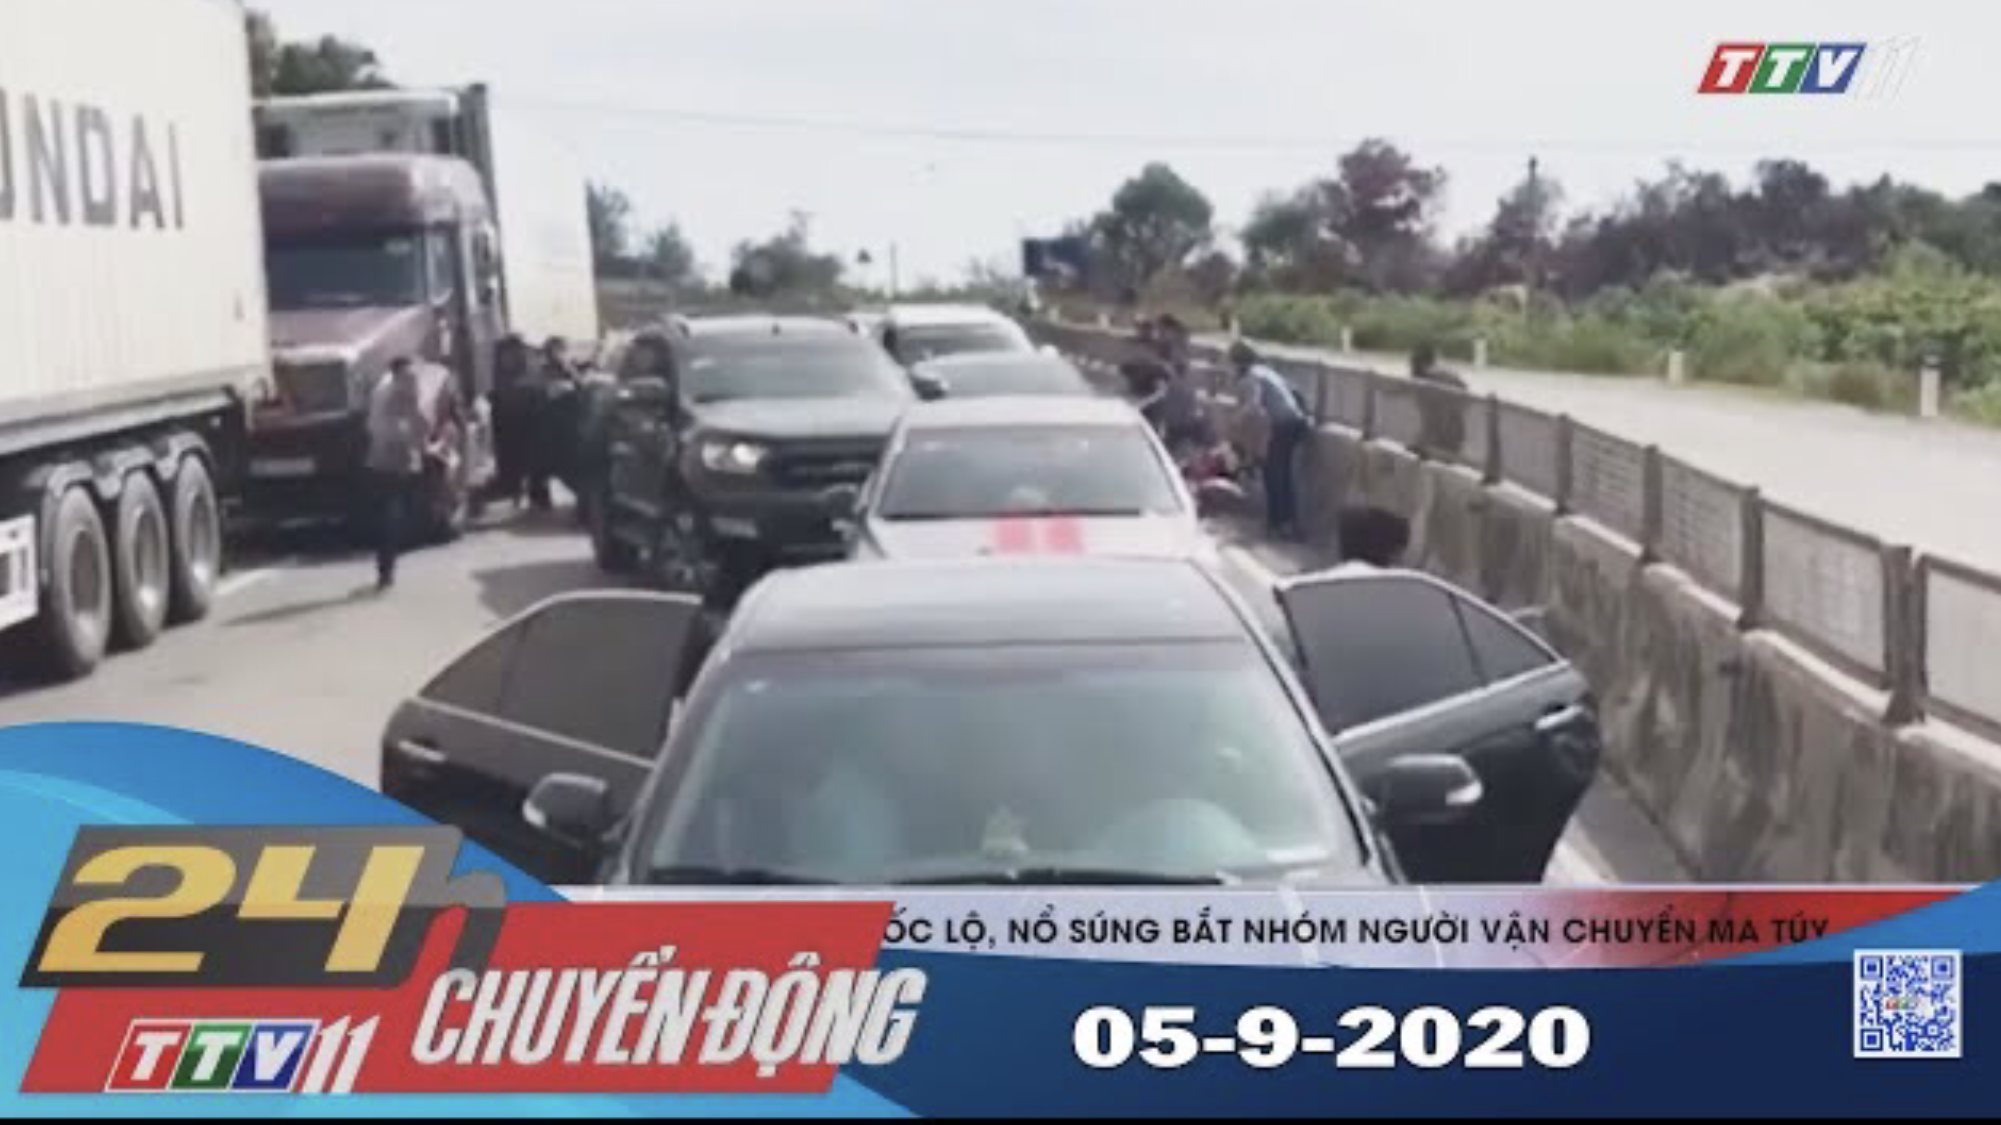 24h Chuyển động 05-9-2020 | Tin tức hôm nay | TayNinhTV